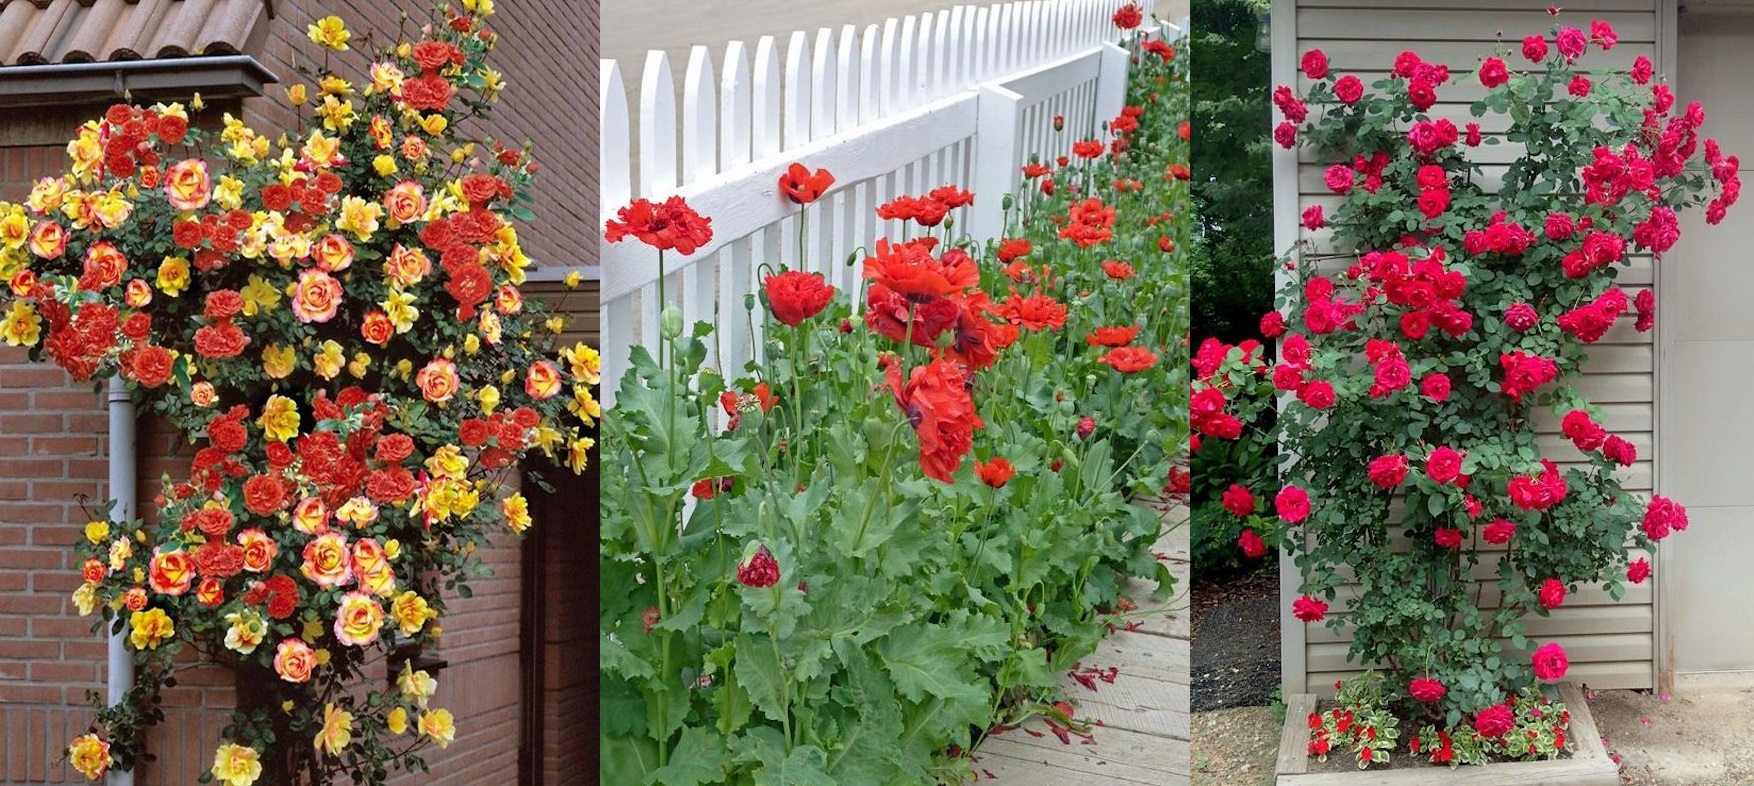 Trucuri pentru a creste flori frumoase intr-o curte micuta